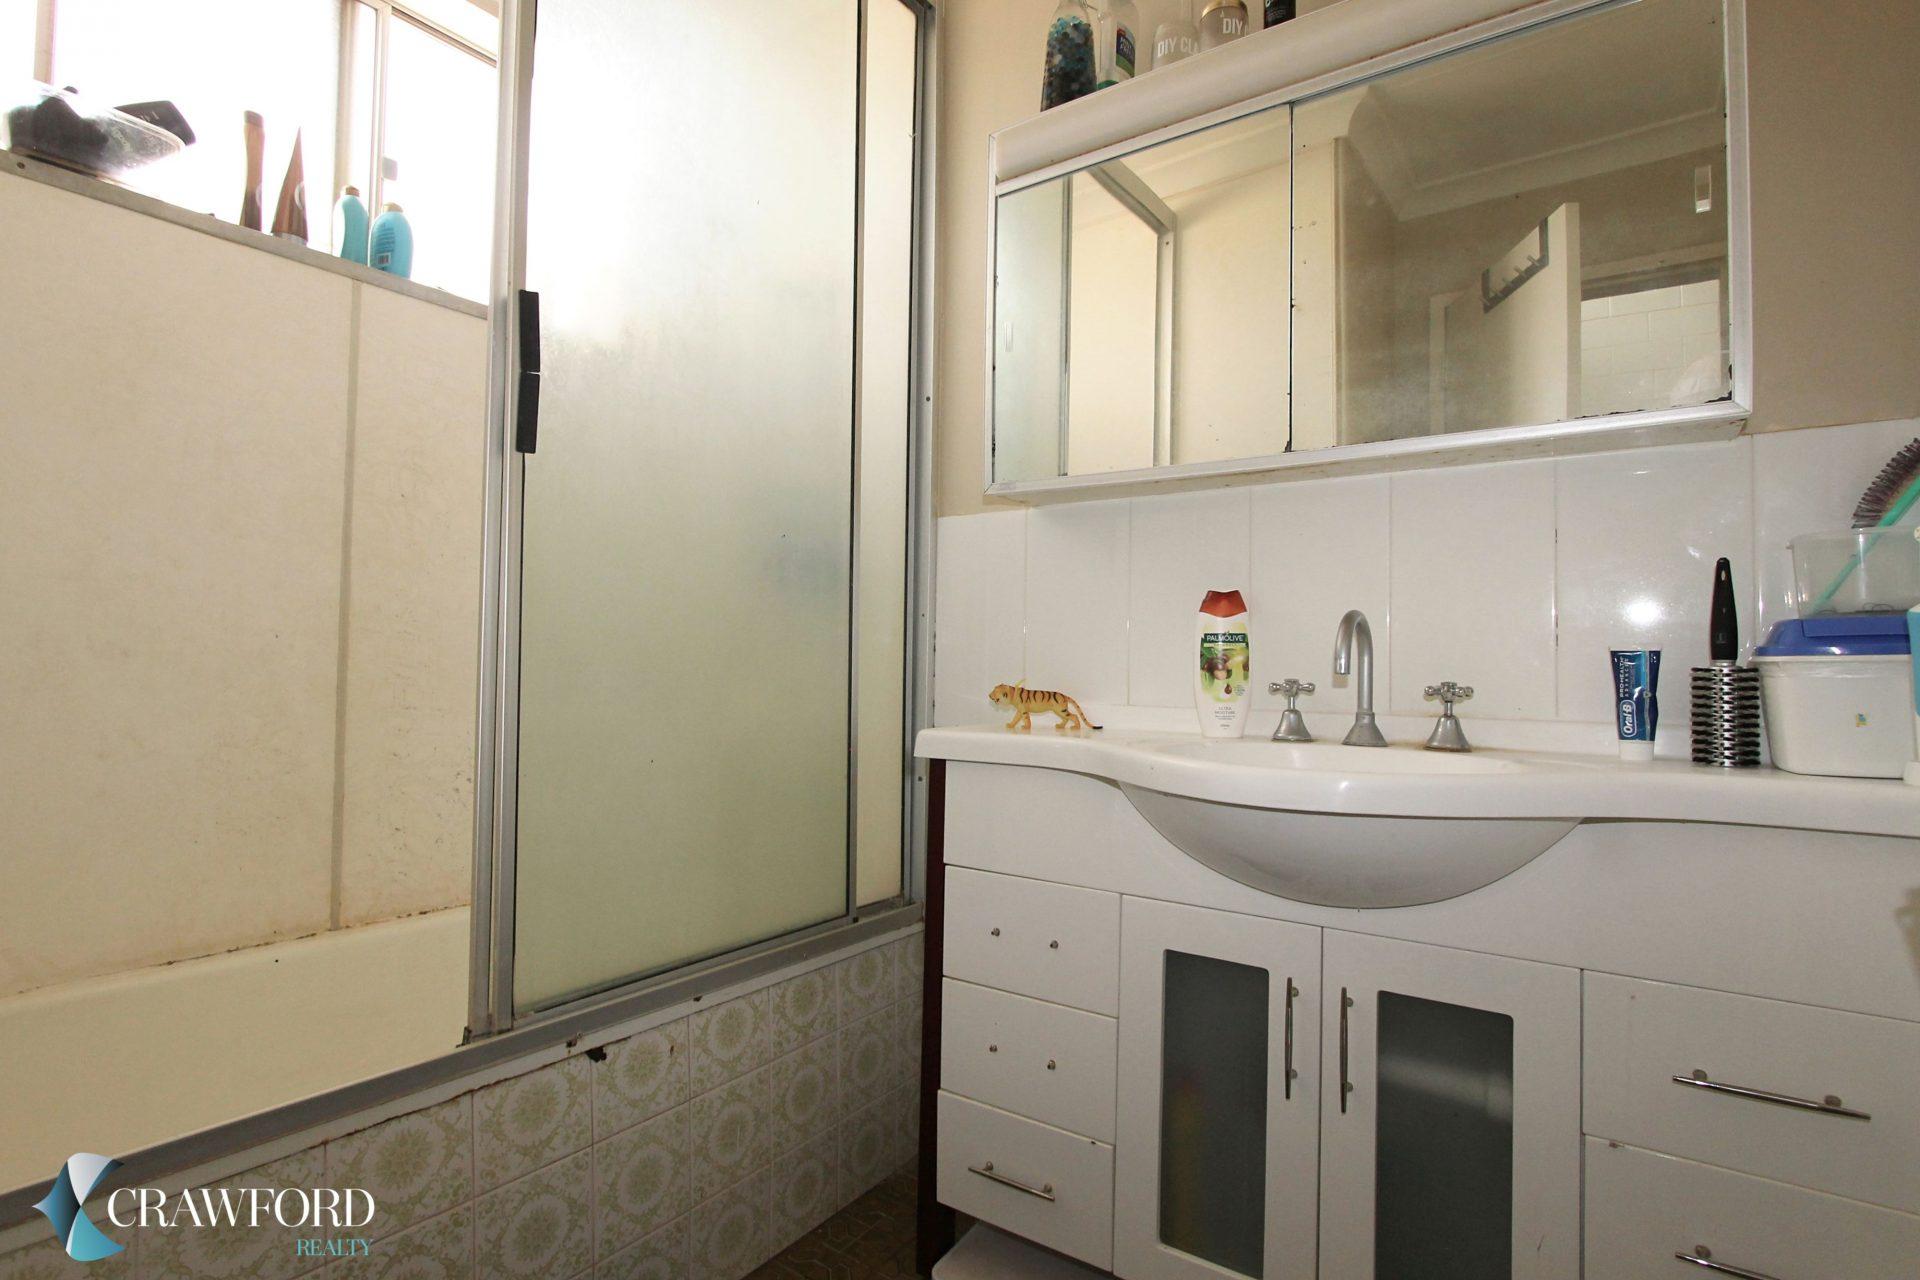 Bathroom-2-_3819872918_20190125061734_original